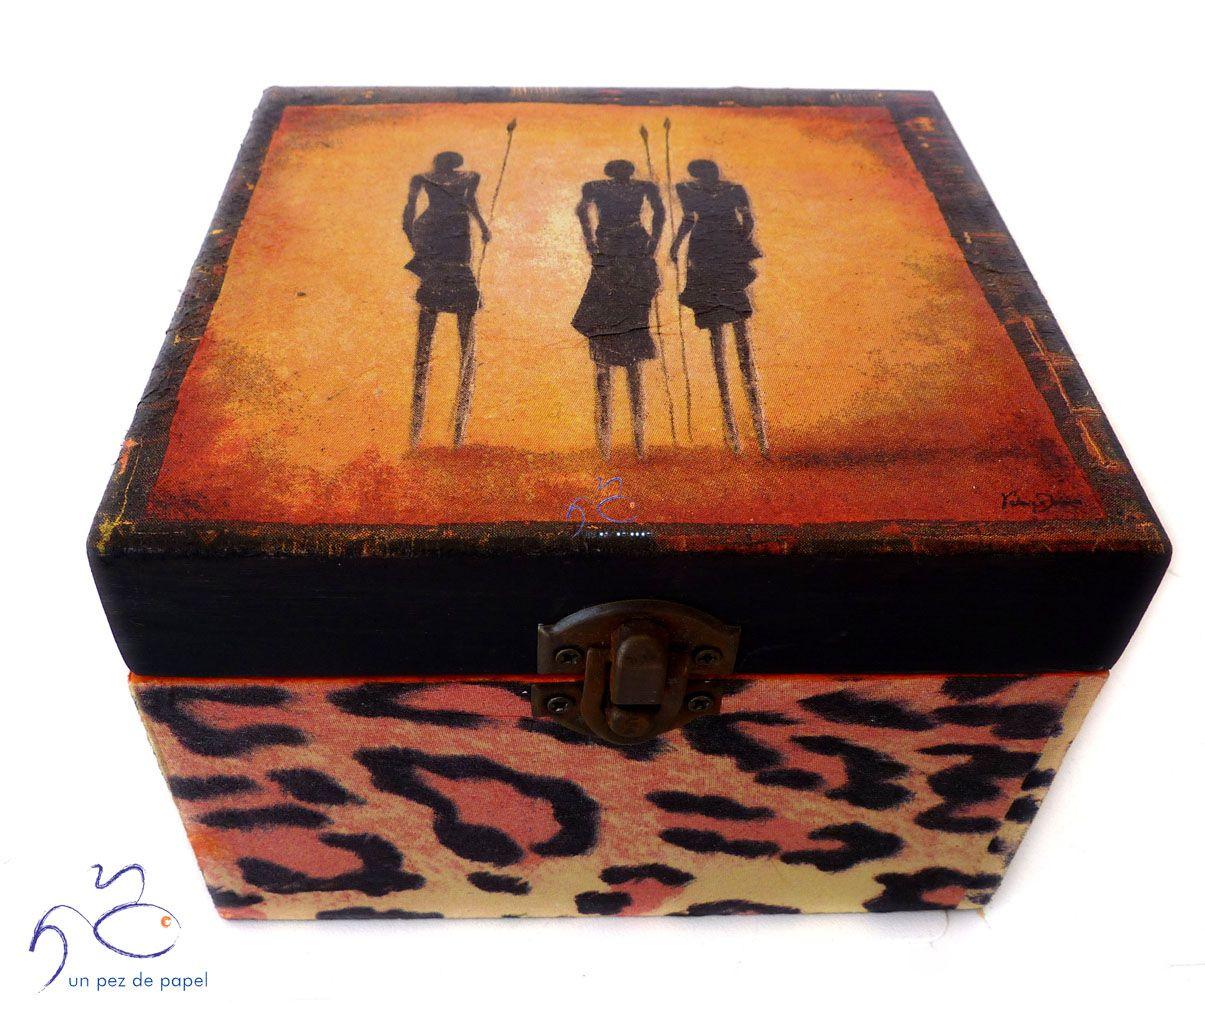 Caja decorada con la técnica decoupage